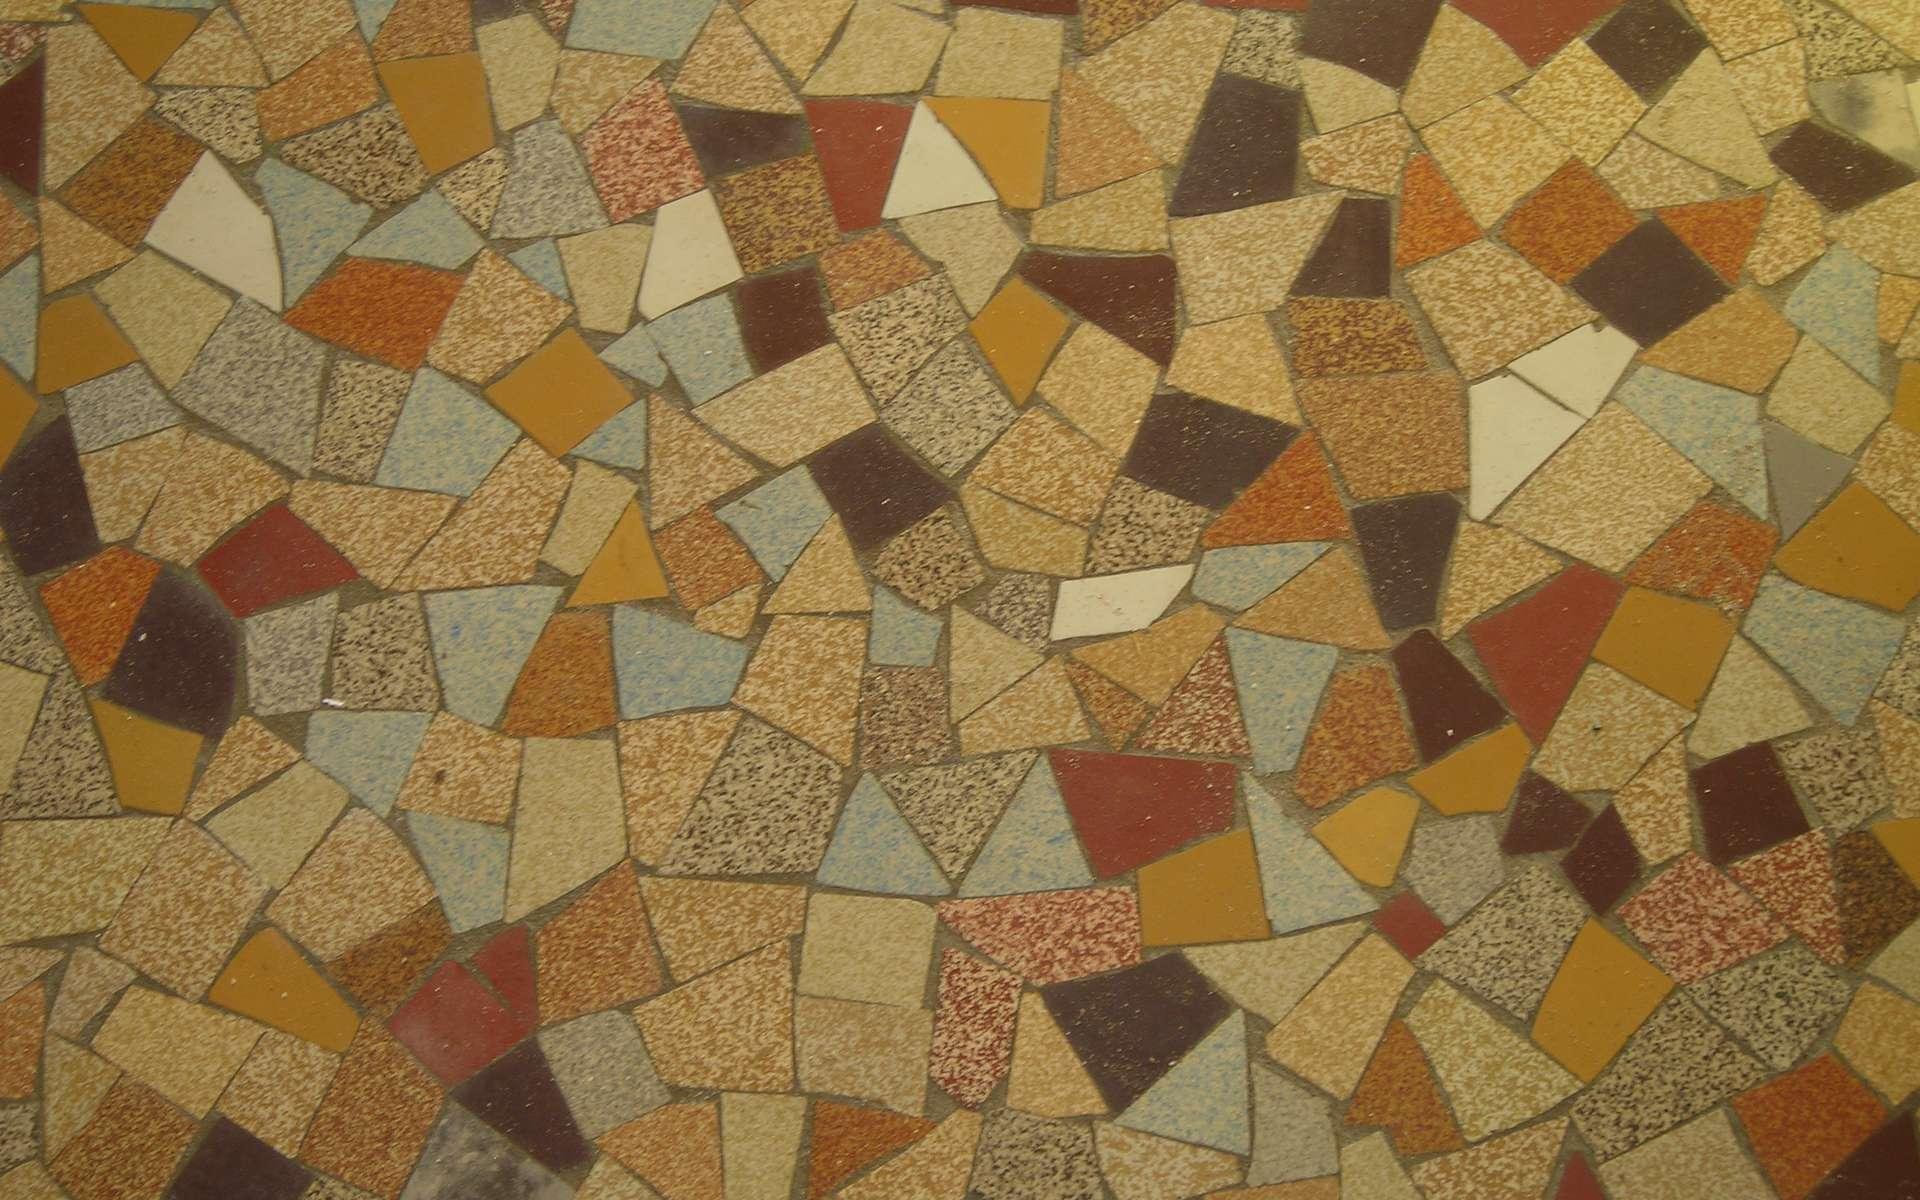 L'opus incertum est une technique de maçonnerie qui consiste à assembler des morceaux irréguliers. © Fred Marchalon, CC BY-NC-SA 2.0, Wikimedia Commons